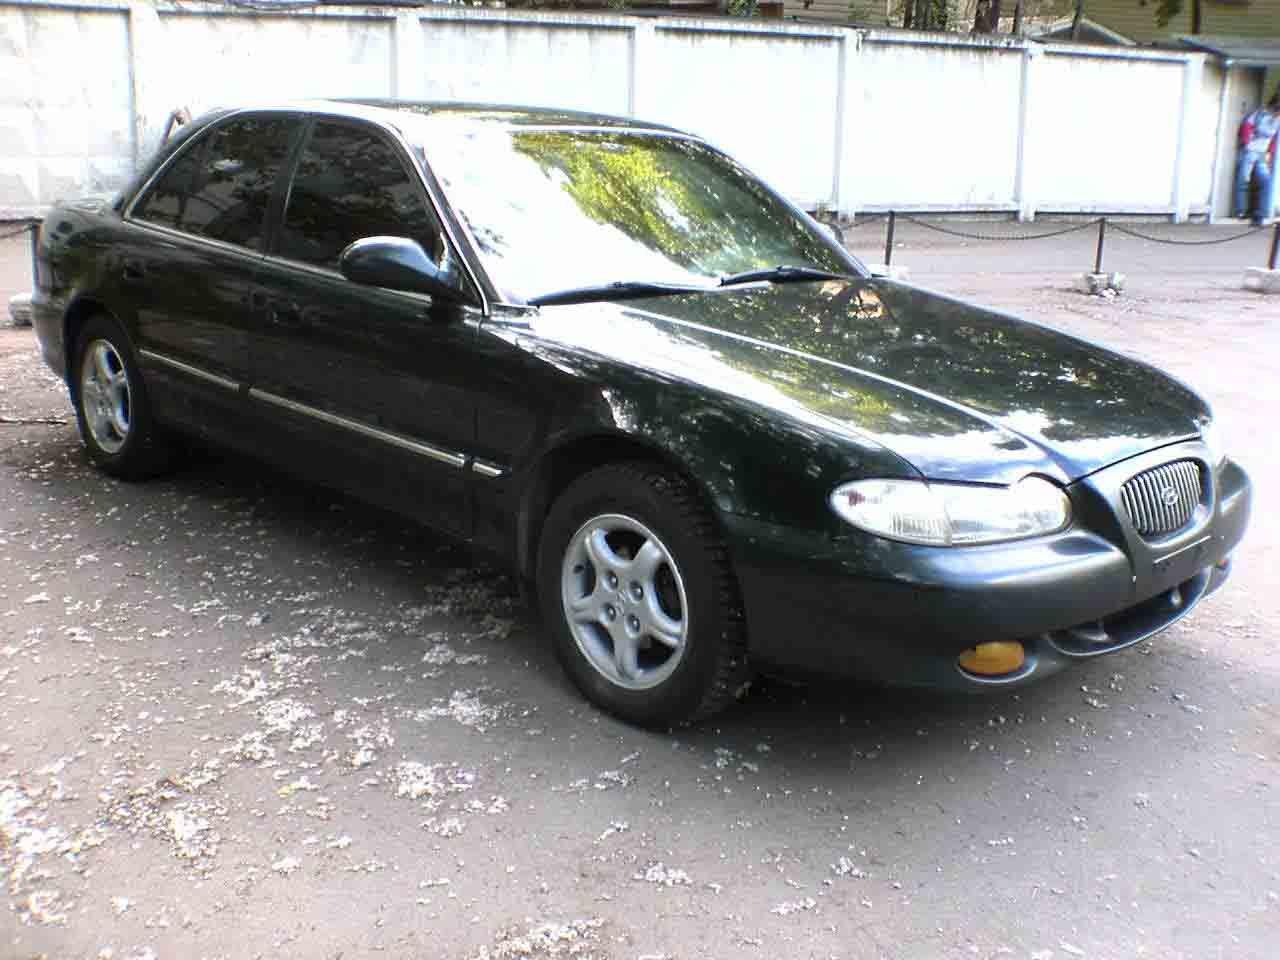 1997 Hyundai Sonata Image 4